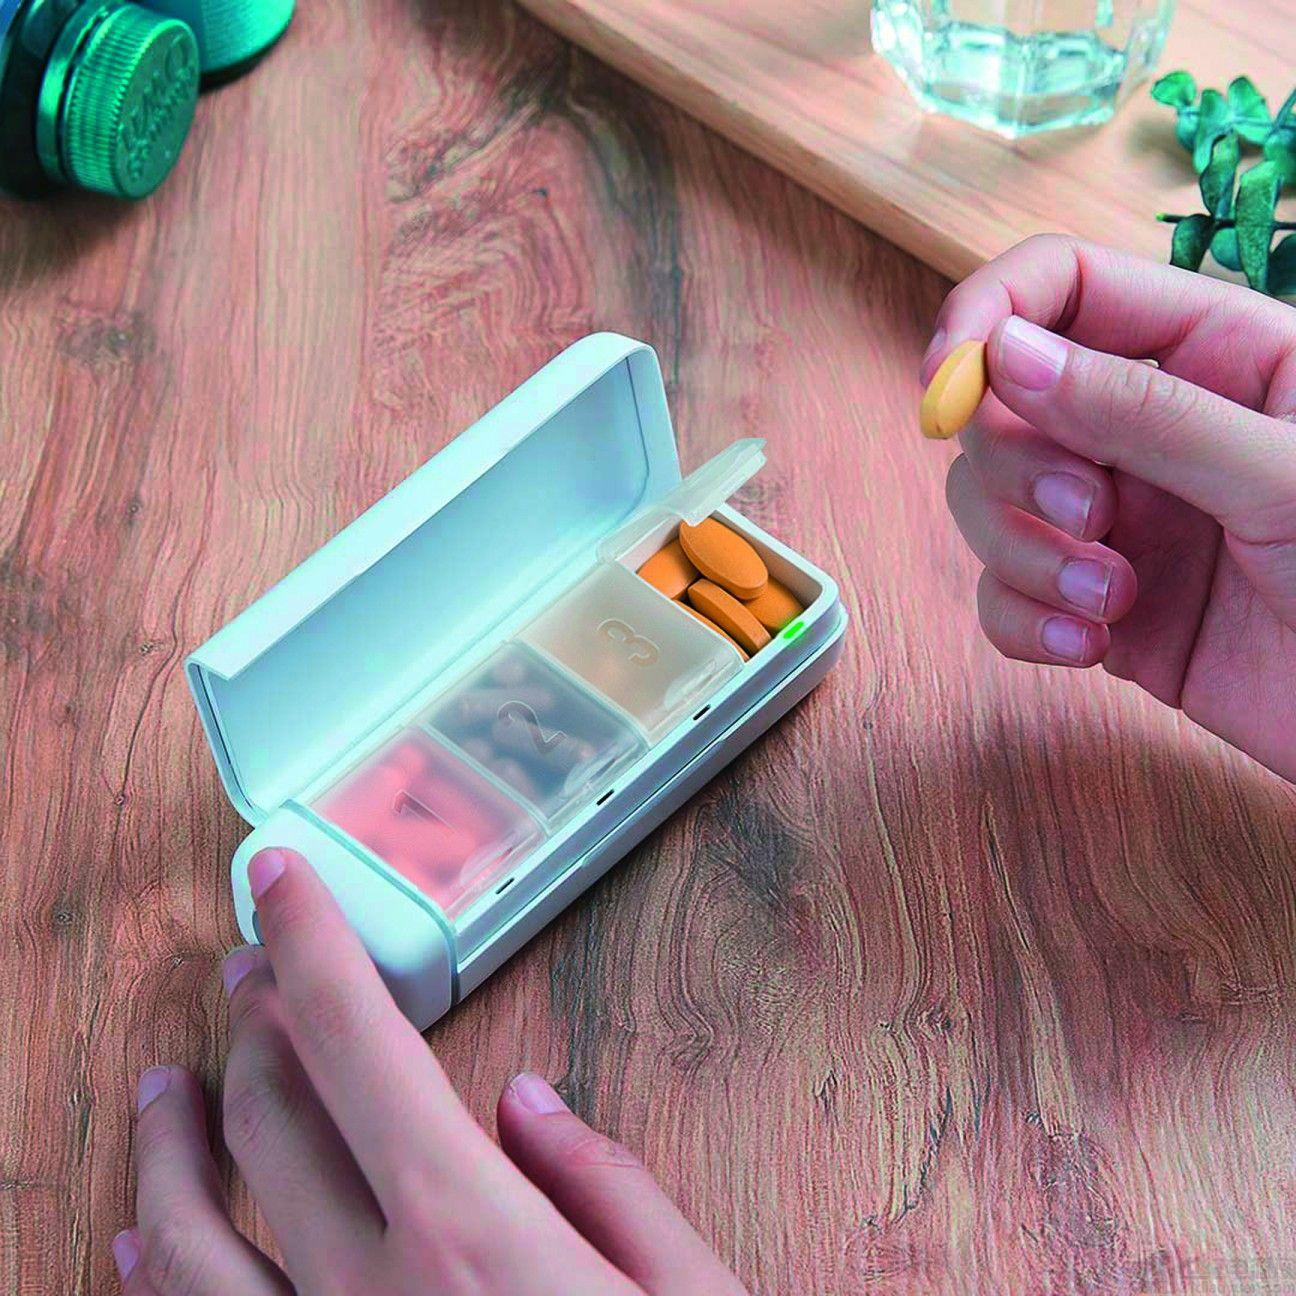 低功耗藍牙連接藥物分配器/管理器提醒用戶按時服用正確藥物